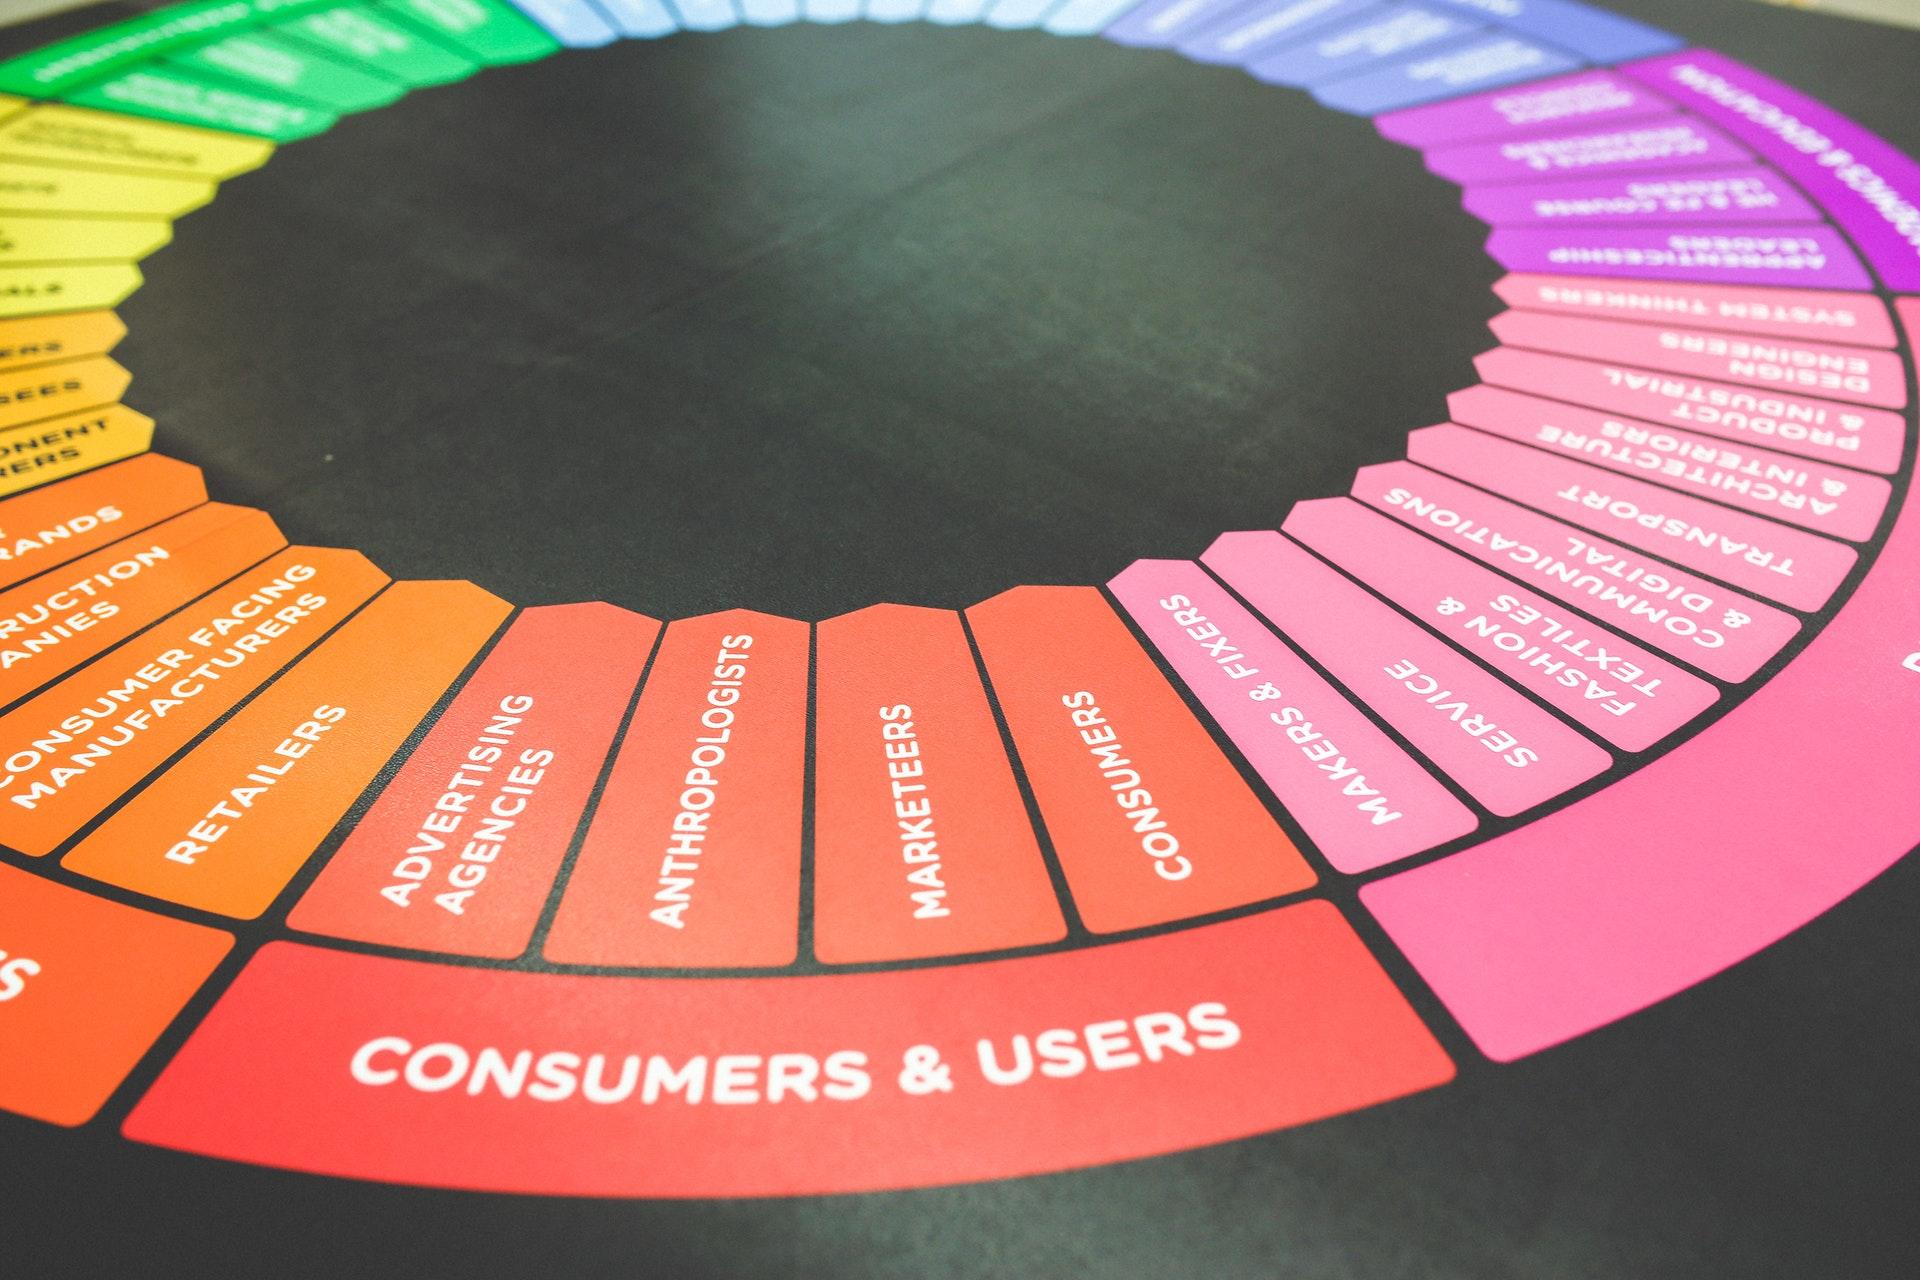 La ruota dei colori del marketing